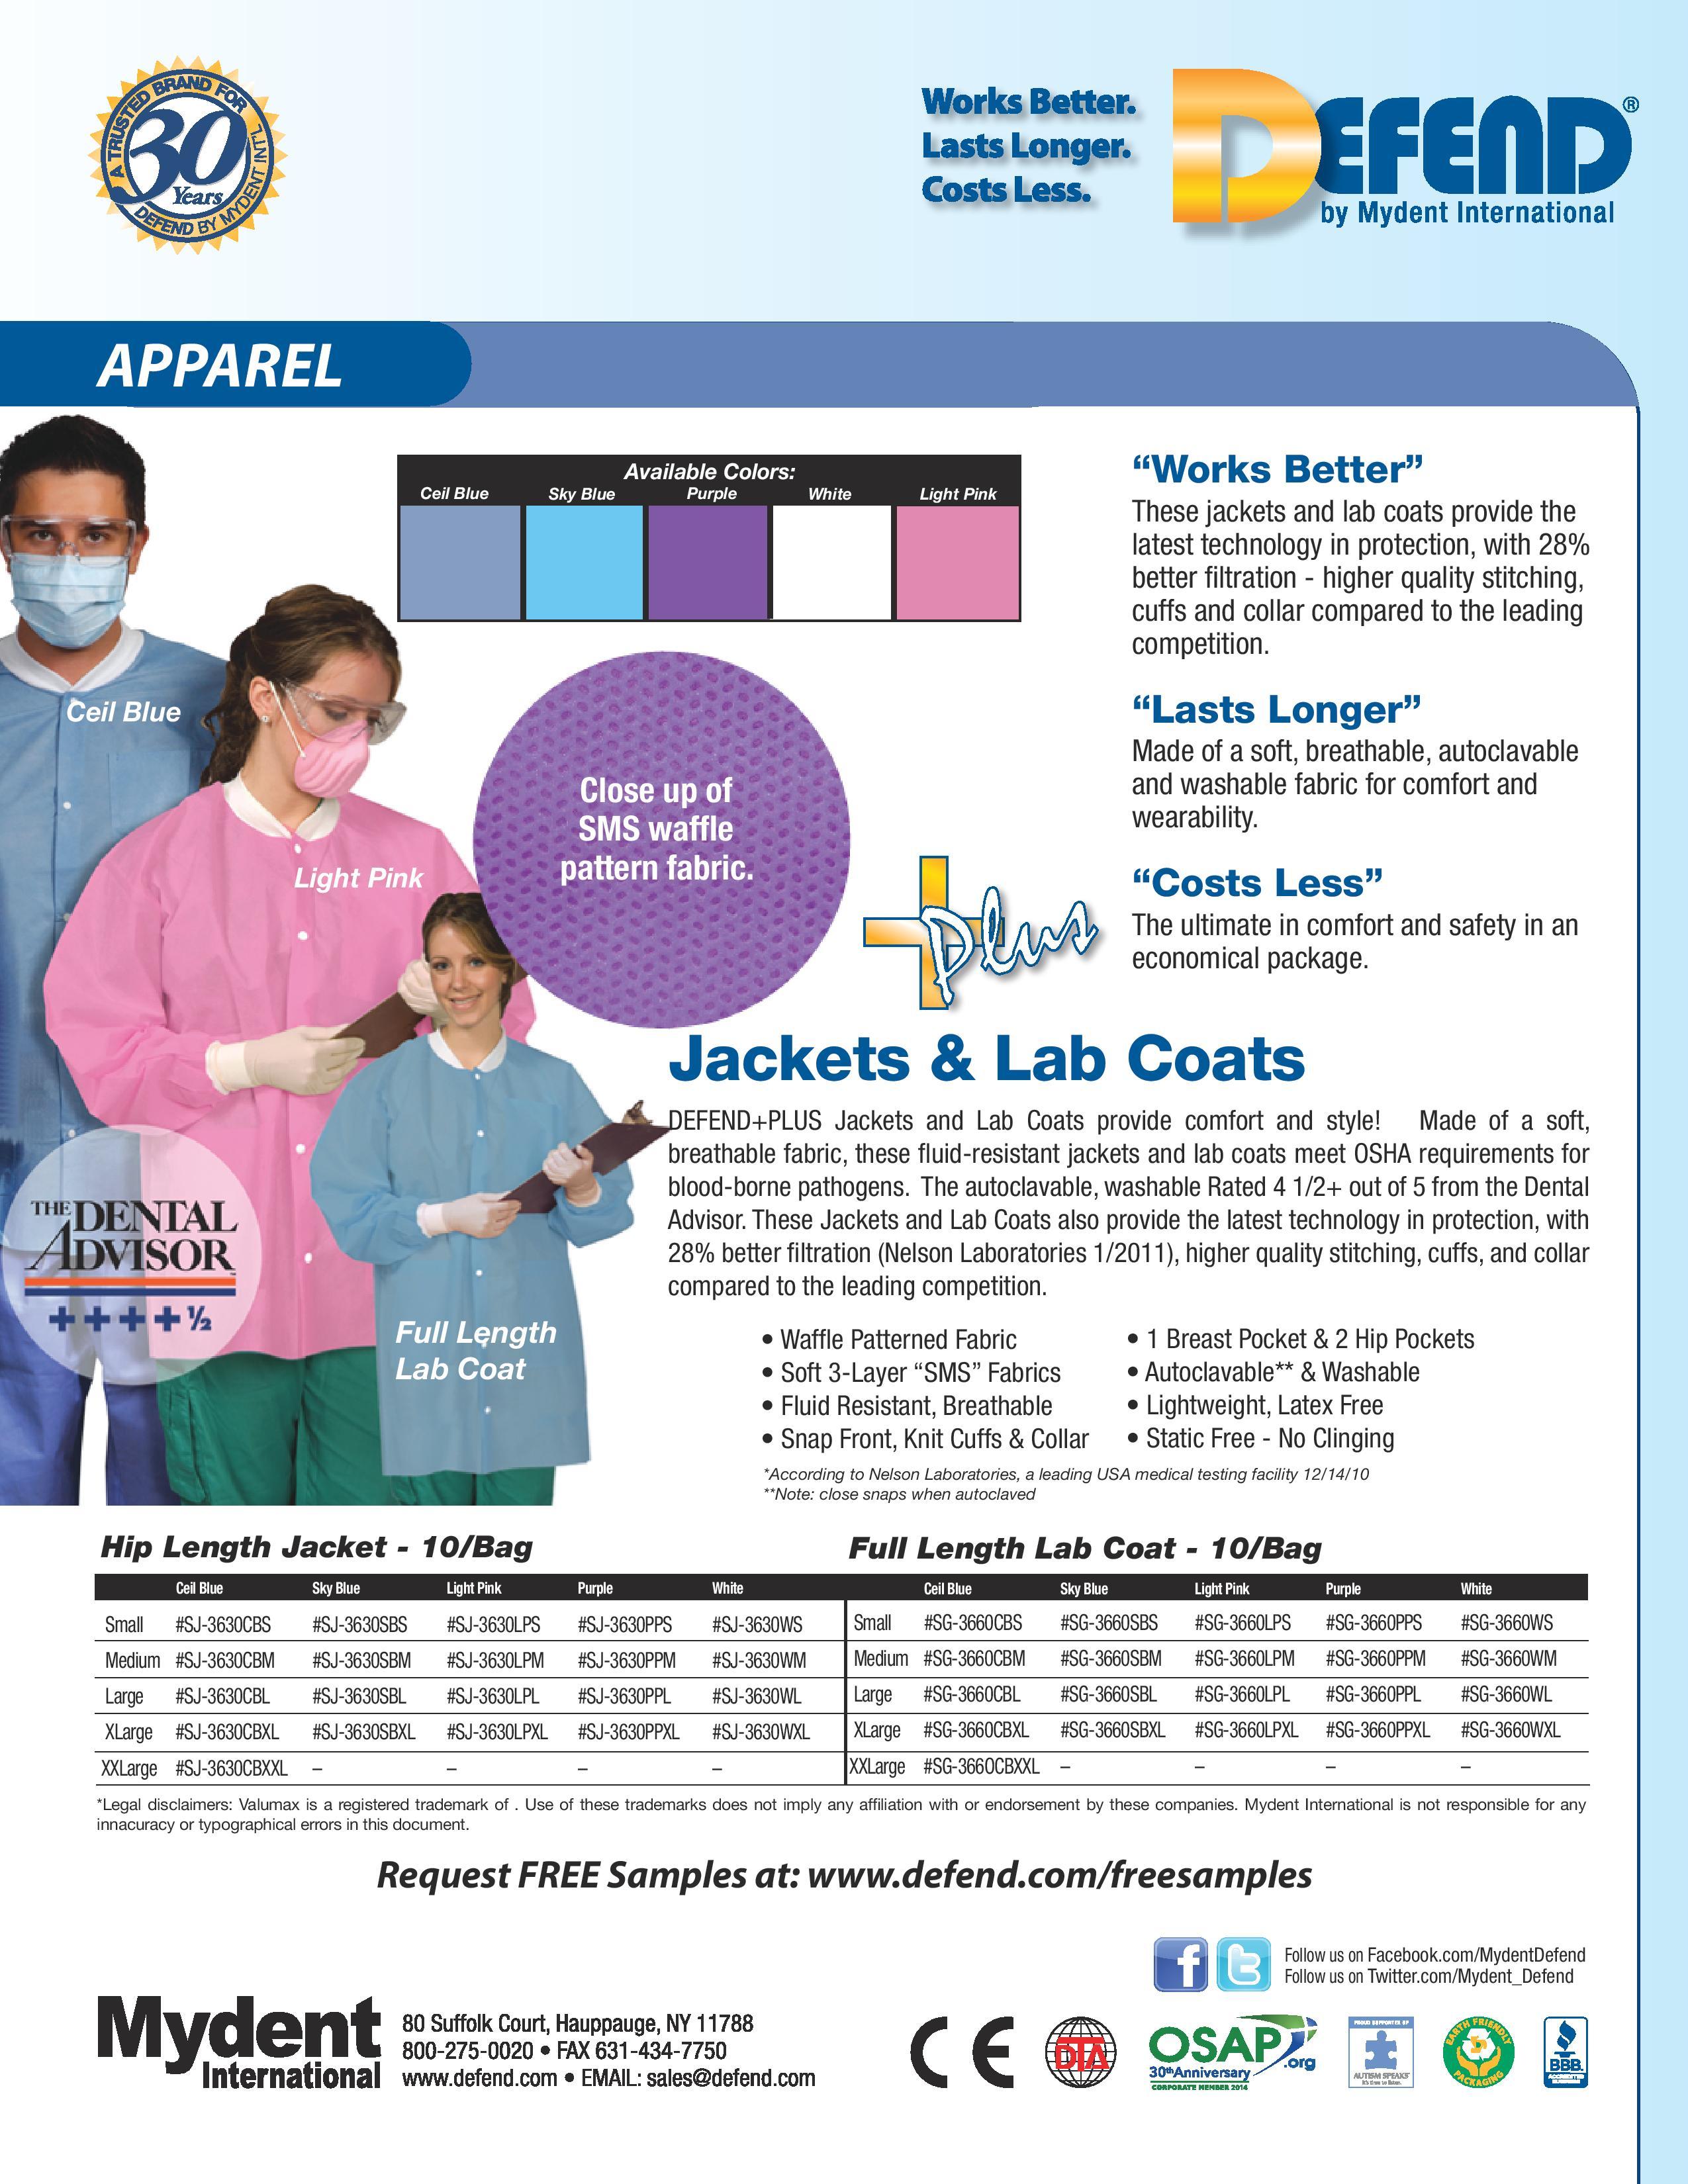 DefendPlus Disp Jackets & Lab Coats